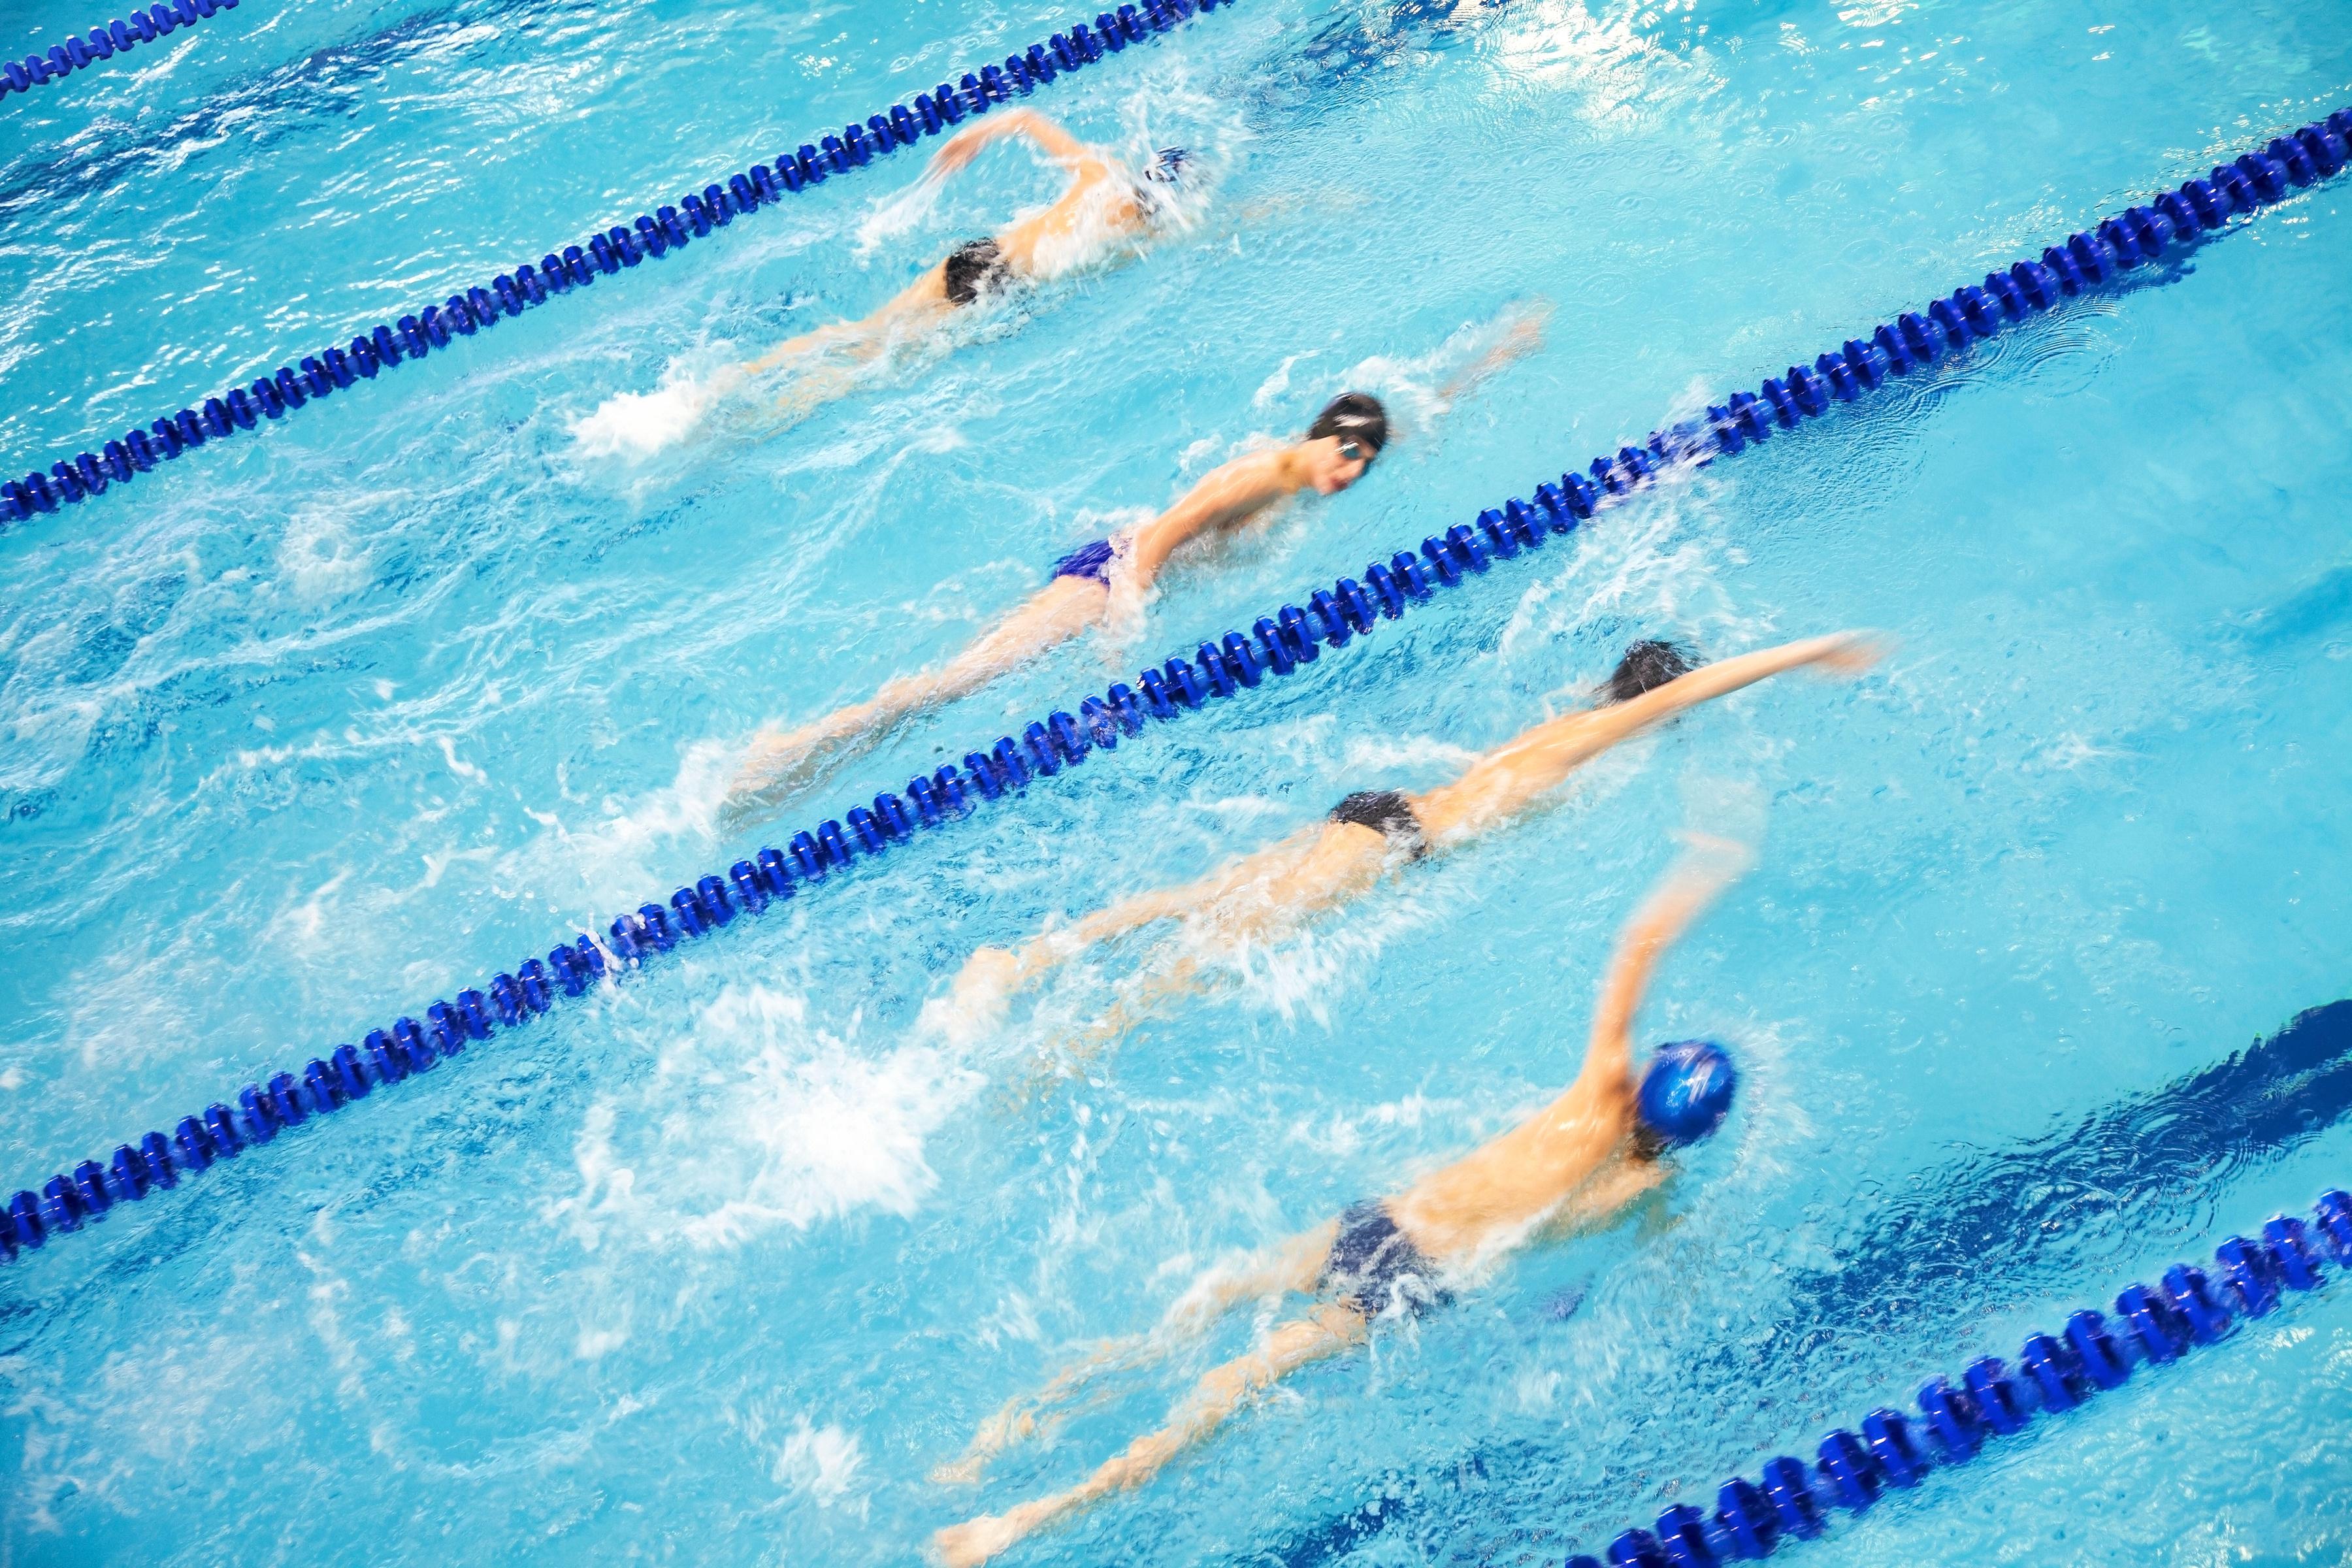 Schwimmen in gut belüfteten Hallen kann das Asthma lindern © yanlev - Fotolia.com